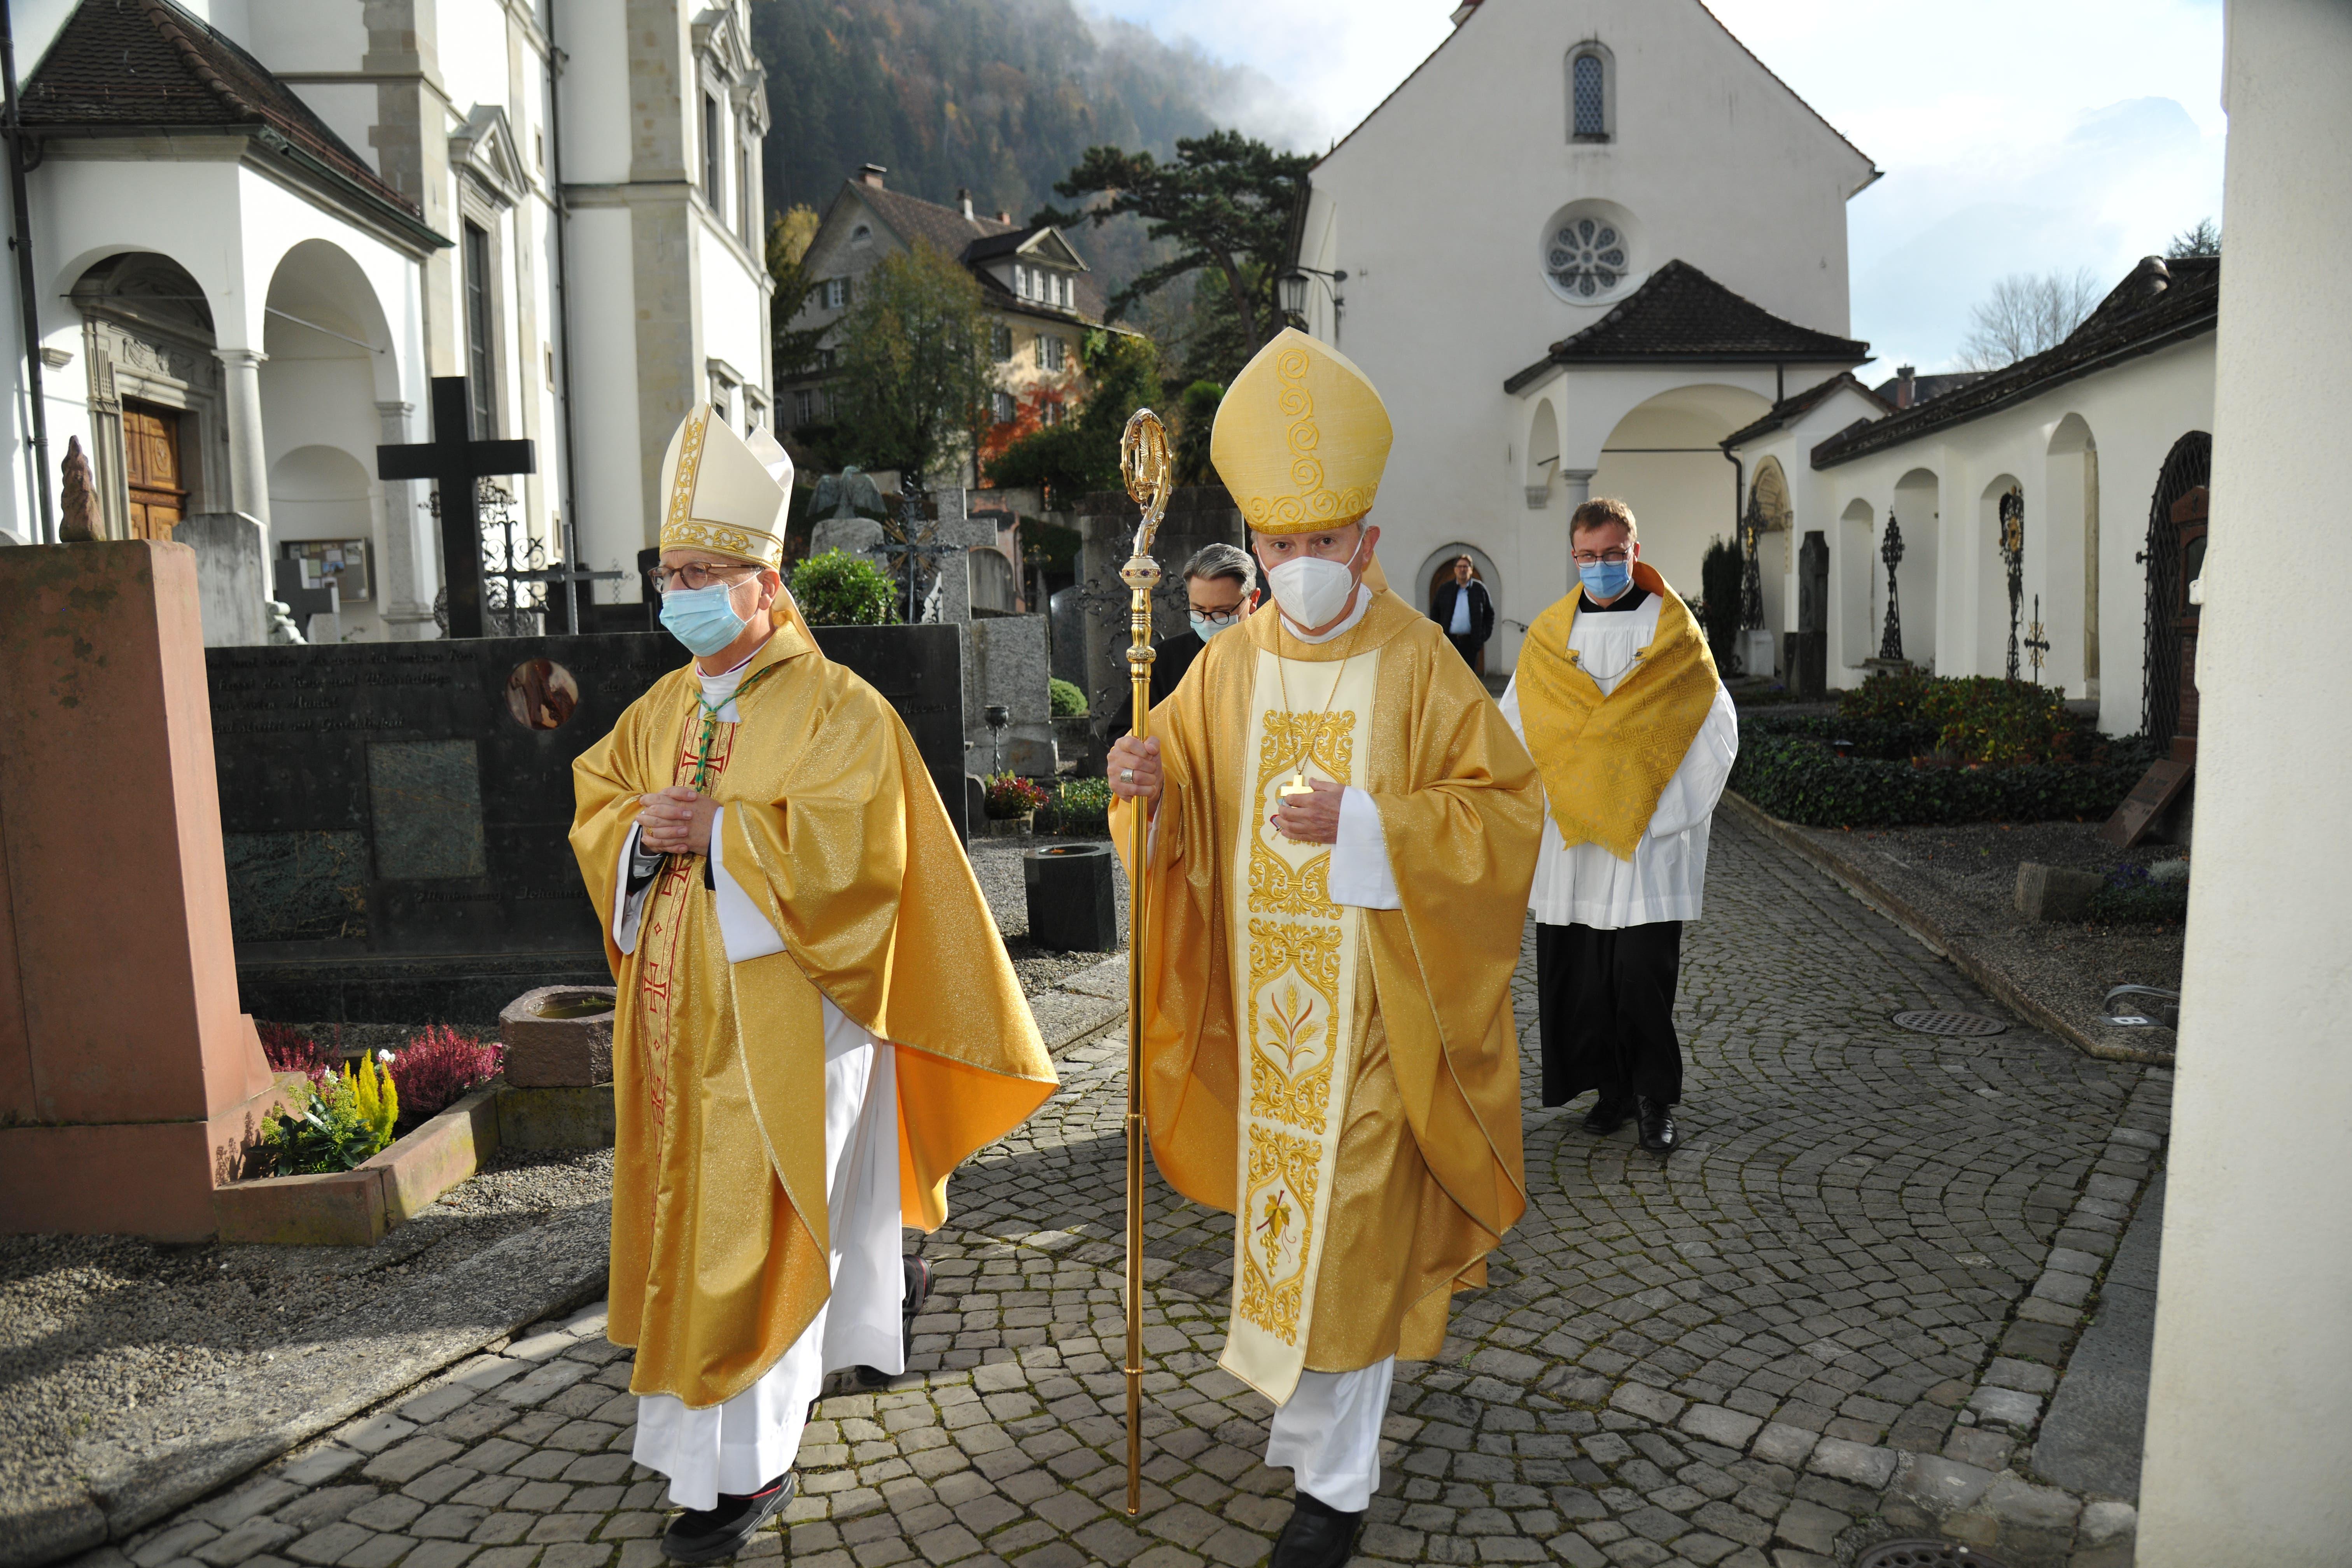 Weihbischof Marian Eleganti (links) und Bischof Peter Bürcher beim Einzug.